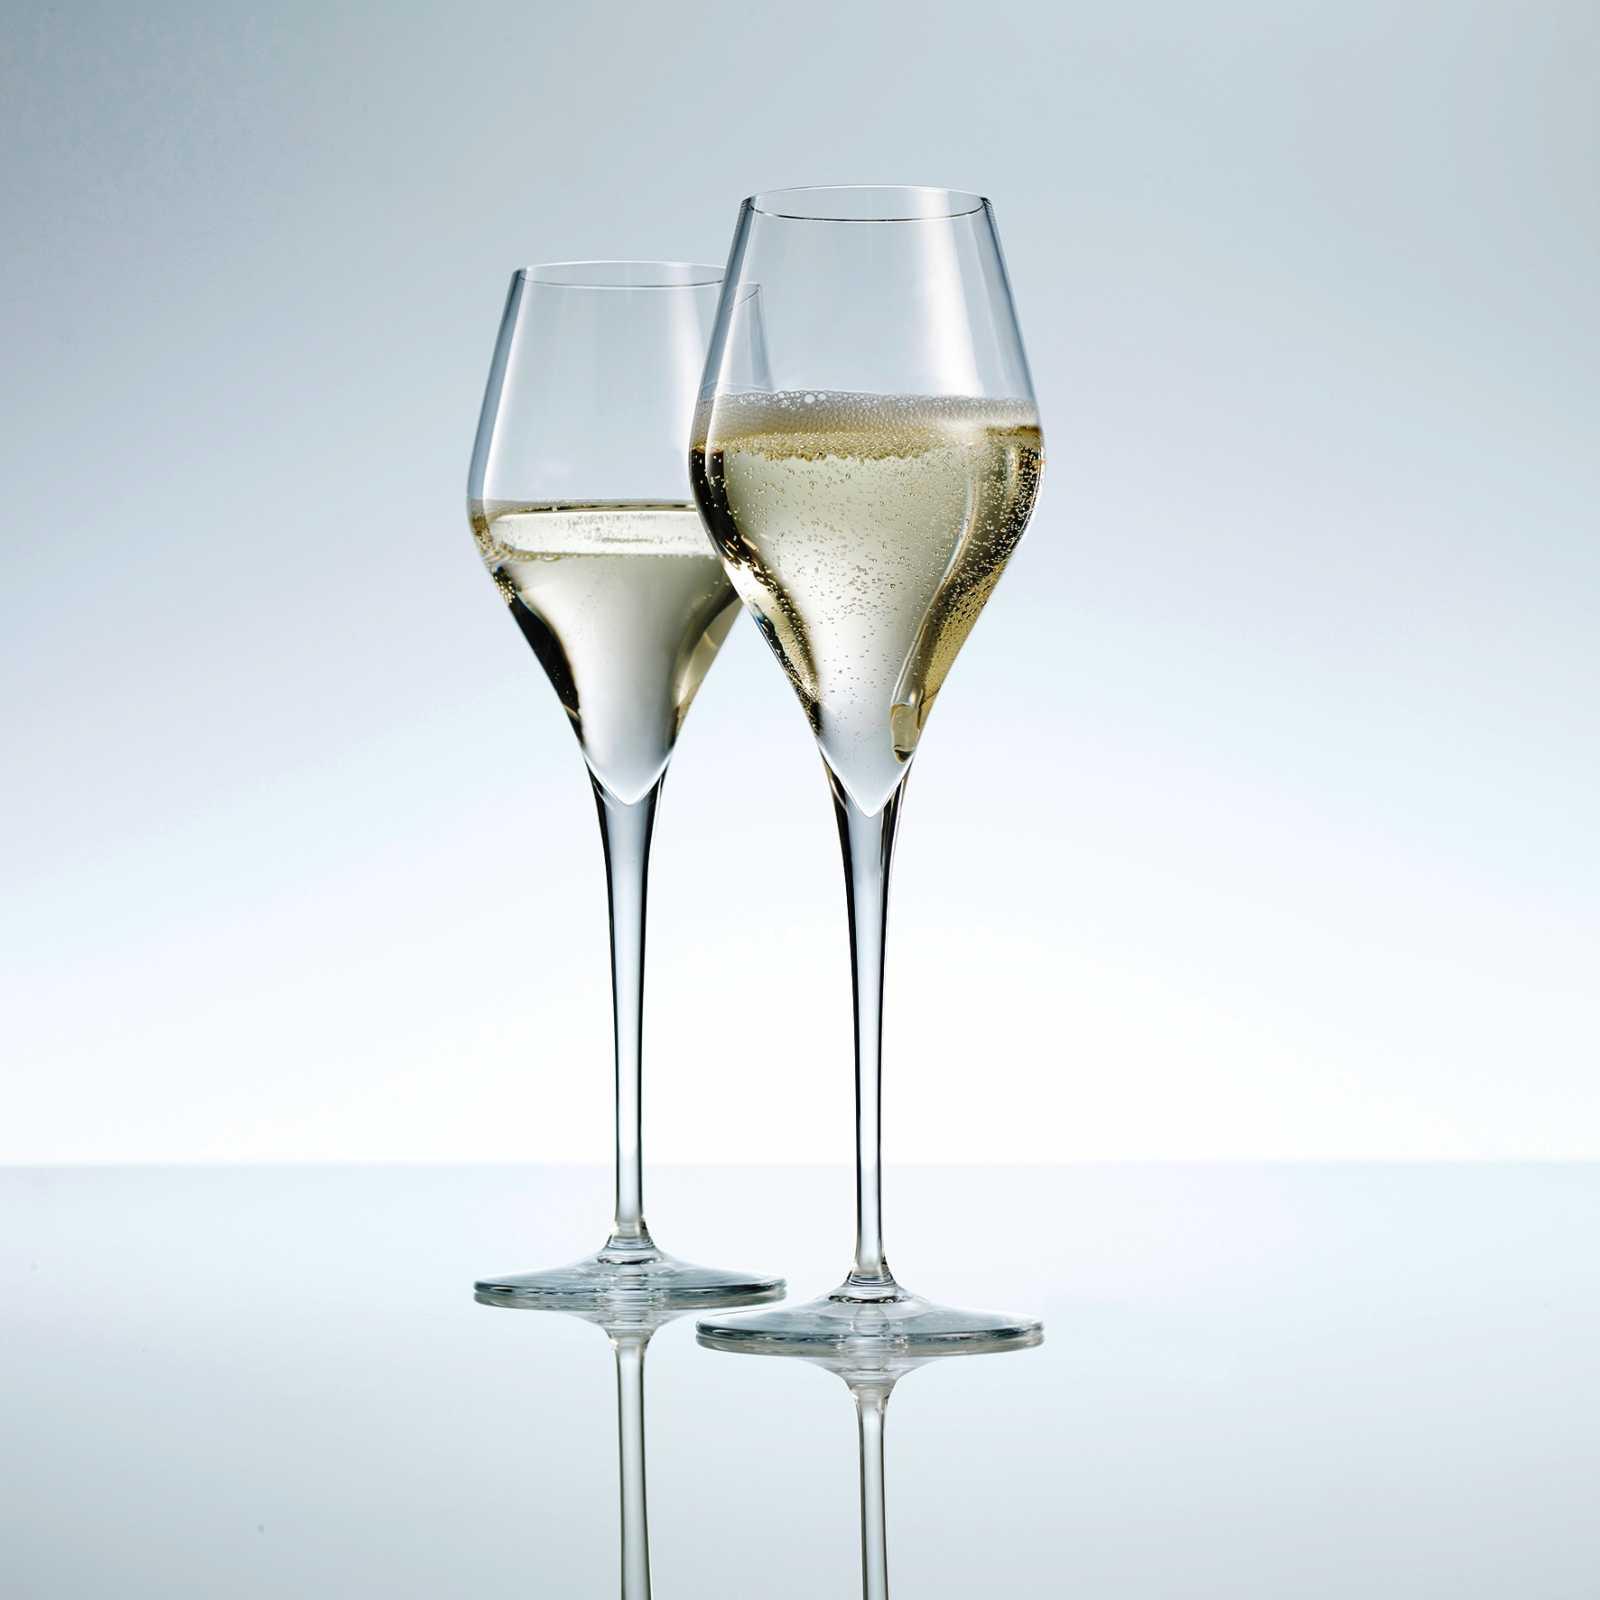 Набор бокалов для шампанского Schott Zwiesel Champagne Time, 0,298 л, прозрачный, 2 штуки Schott Zwiesel 119821 фото 1